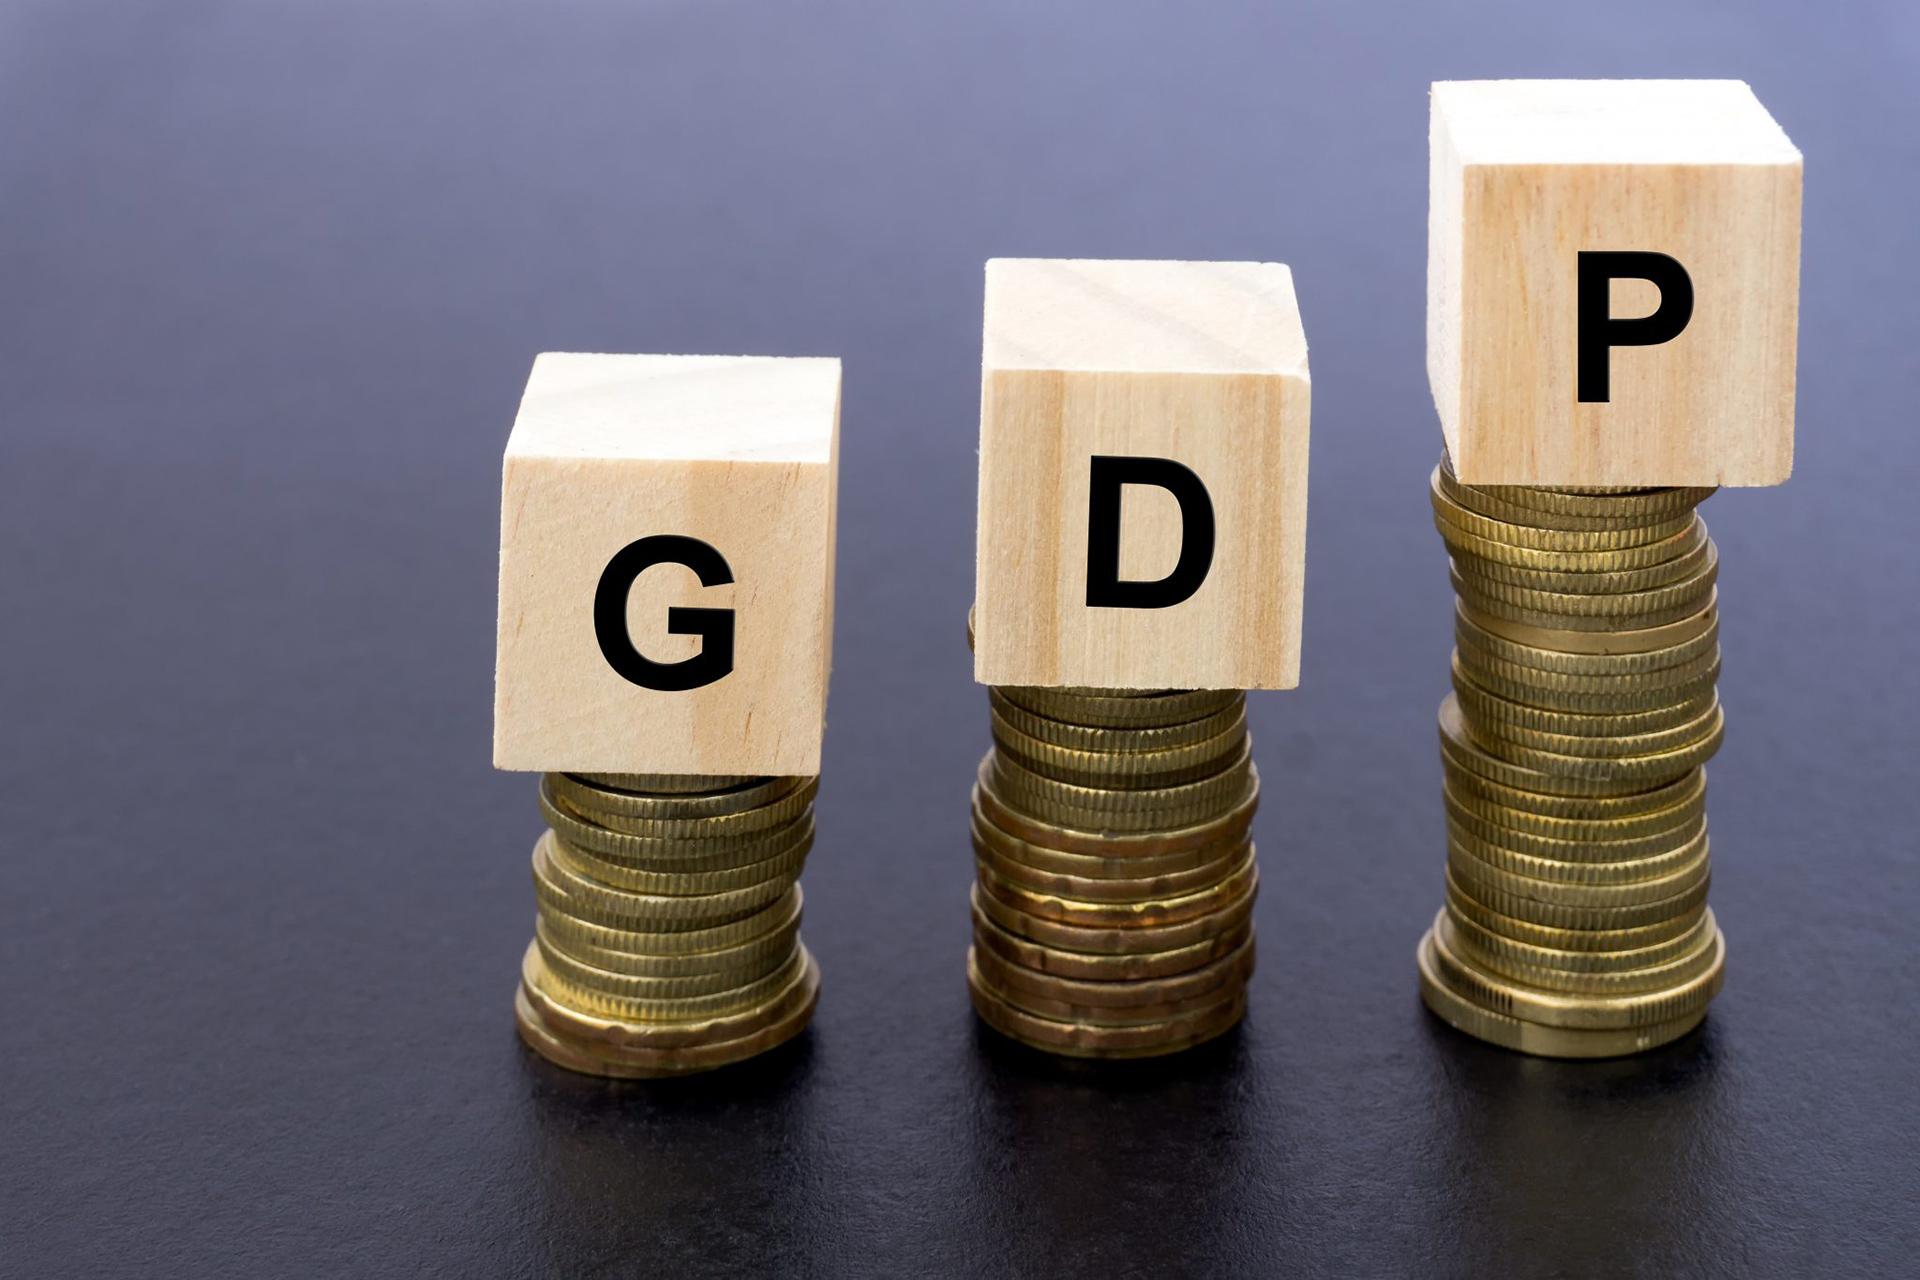 9,94 tỷ USD và những dấu ấn kinh tế khó quên trong năm qua - 54